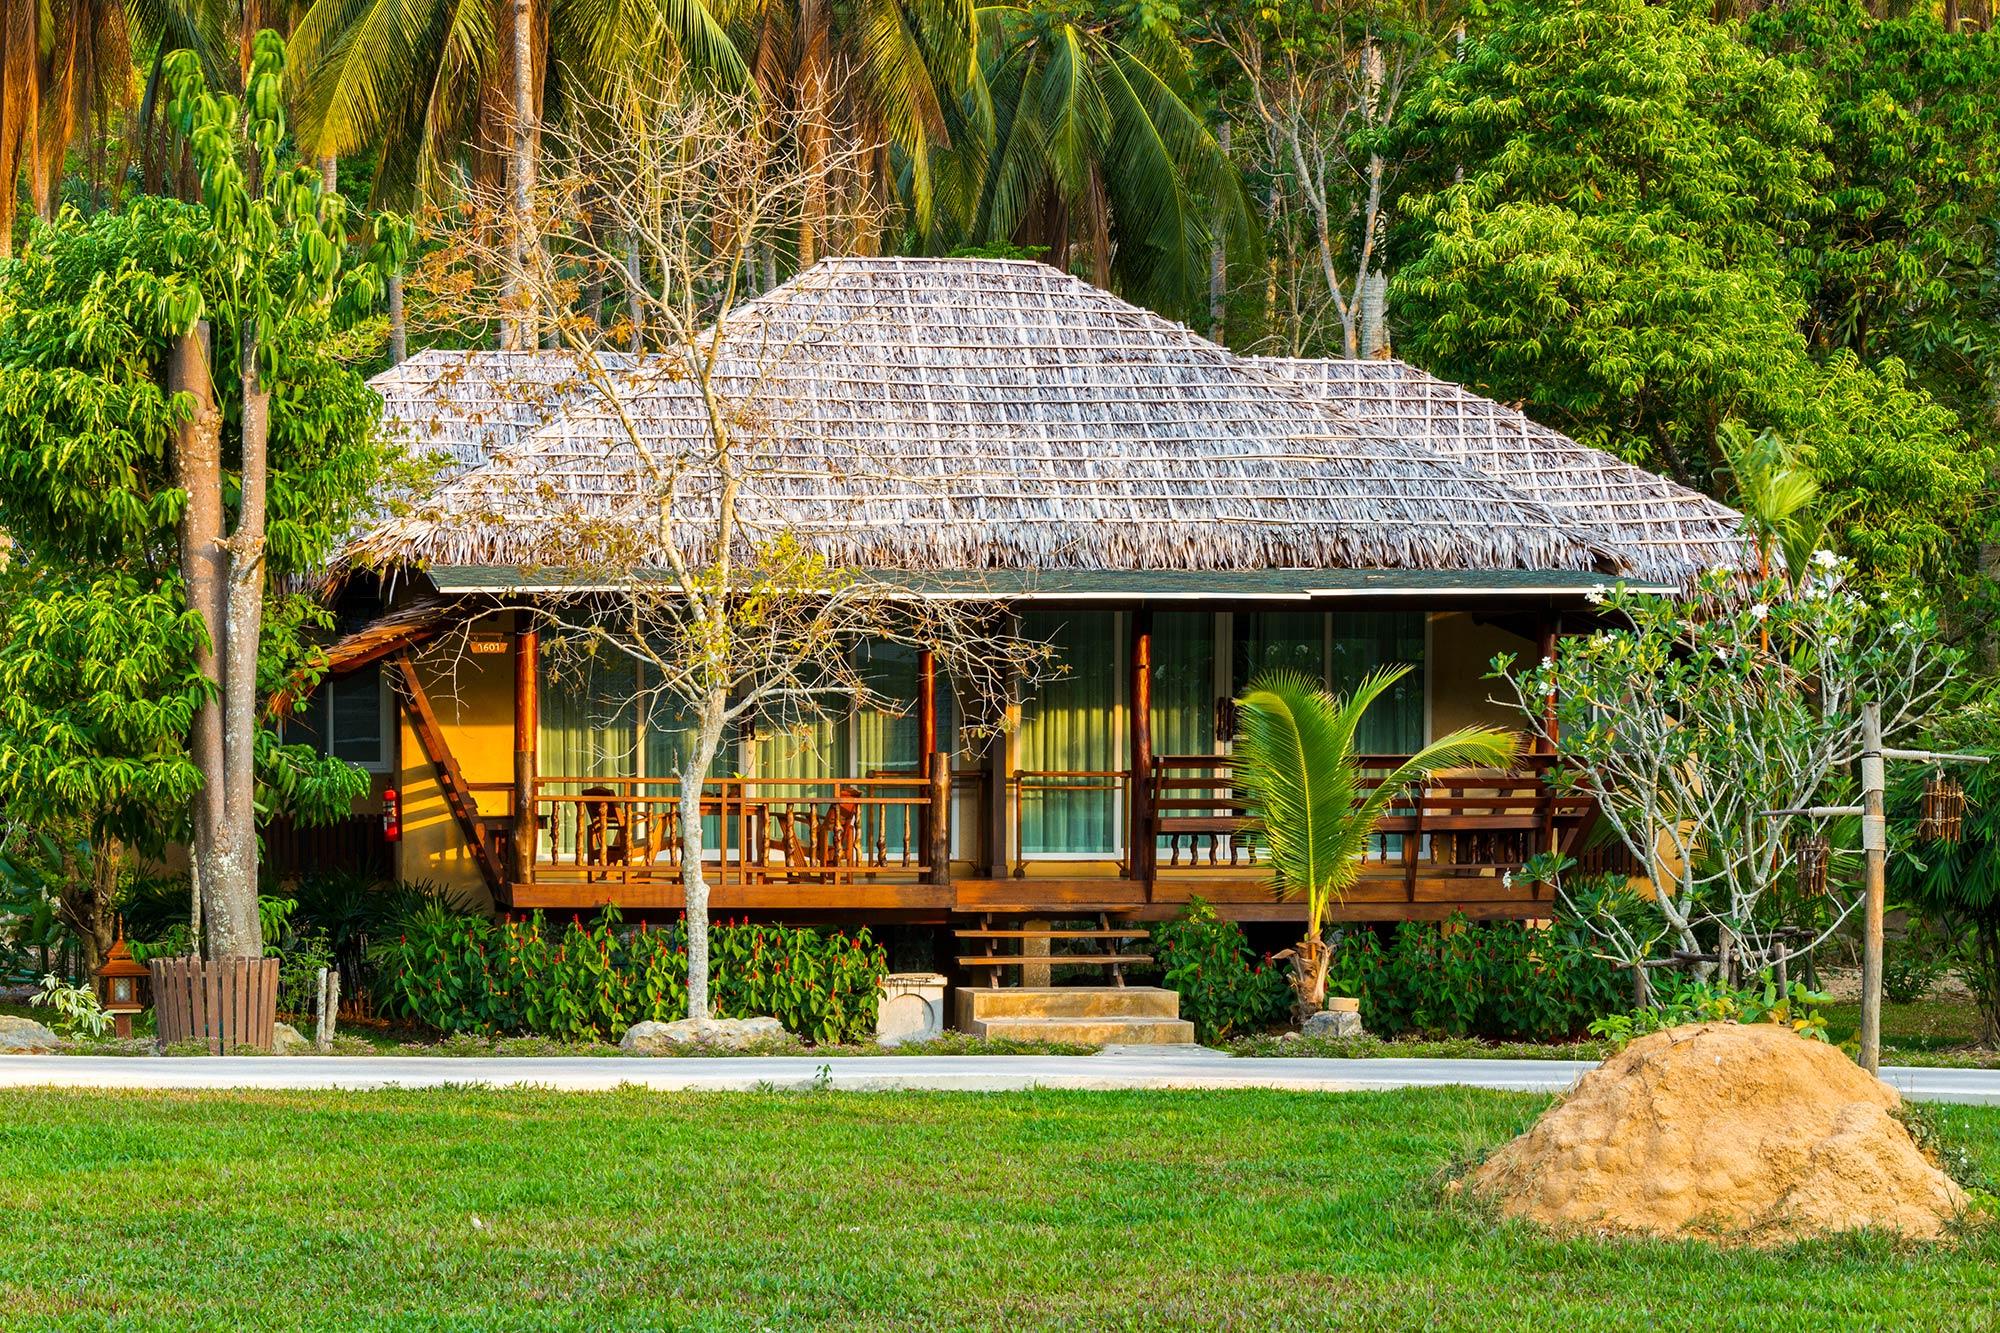 บ้านใสใน รีสอร์ท Ban Sainai Resort อ่าวนาง กระบี่  บ้านใสใน รีสอร์ท Ban Sainai Resort อ่าวนาง กระบี่                                                Ban Sainai Resort